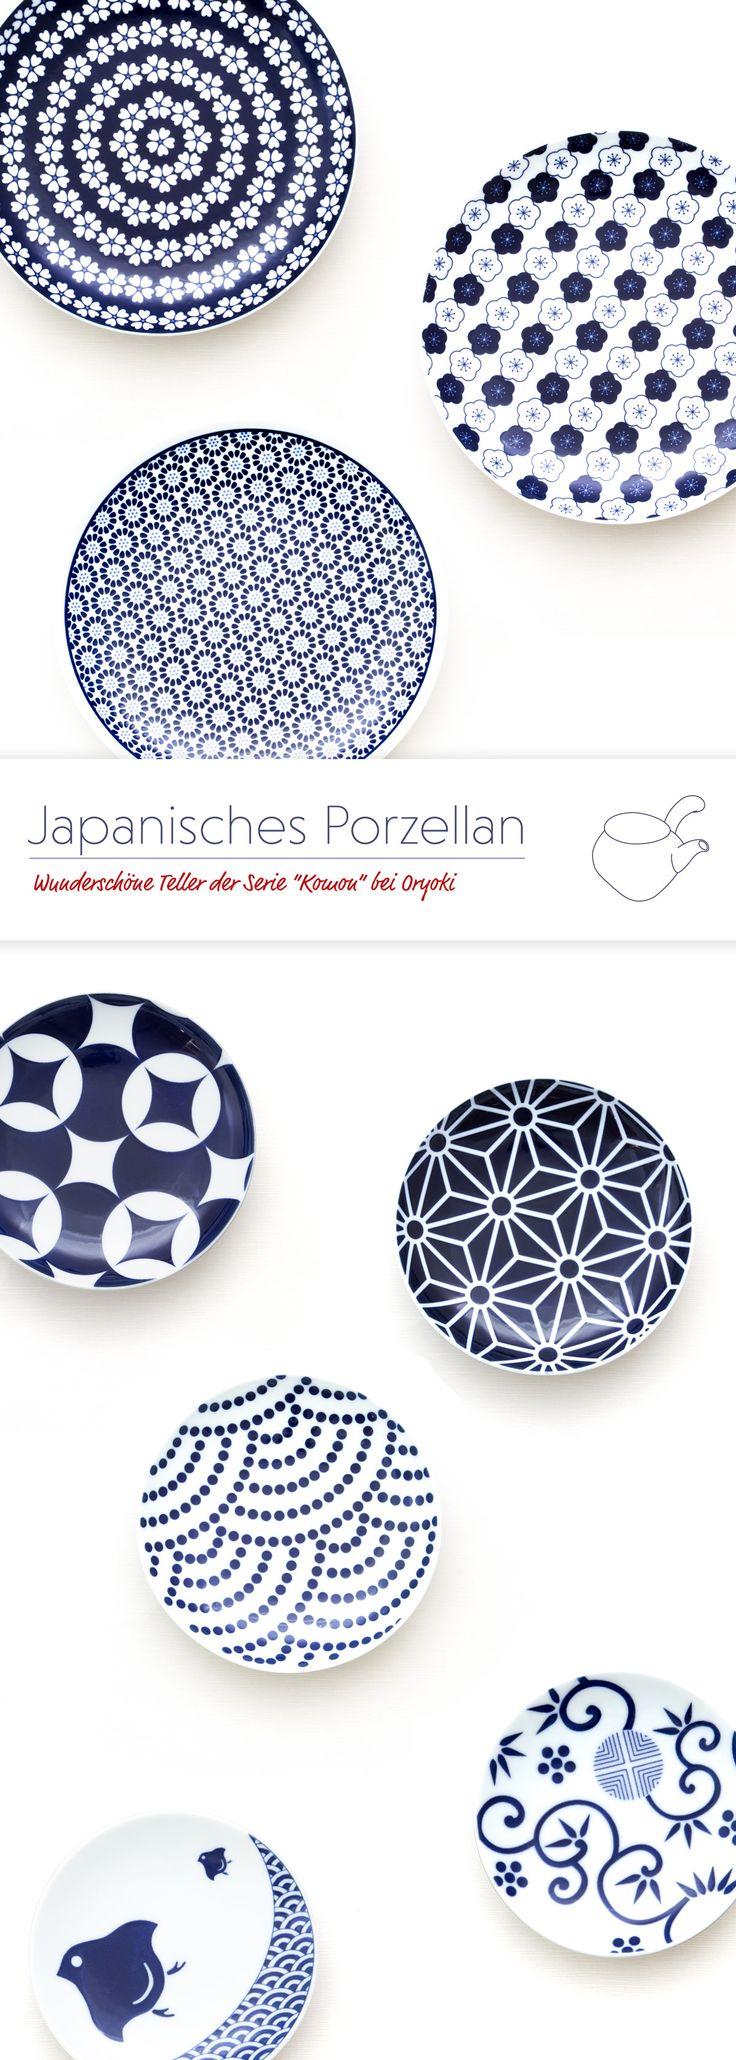 die besten 25 japanisches porzellan ideen auf pinterest keramiksch sseln mediterrane deko. Black Bedroom Furniture Sets. Home Design Ideas